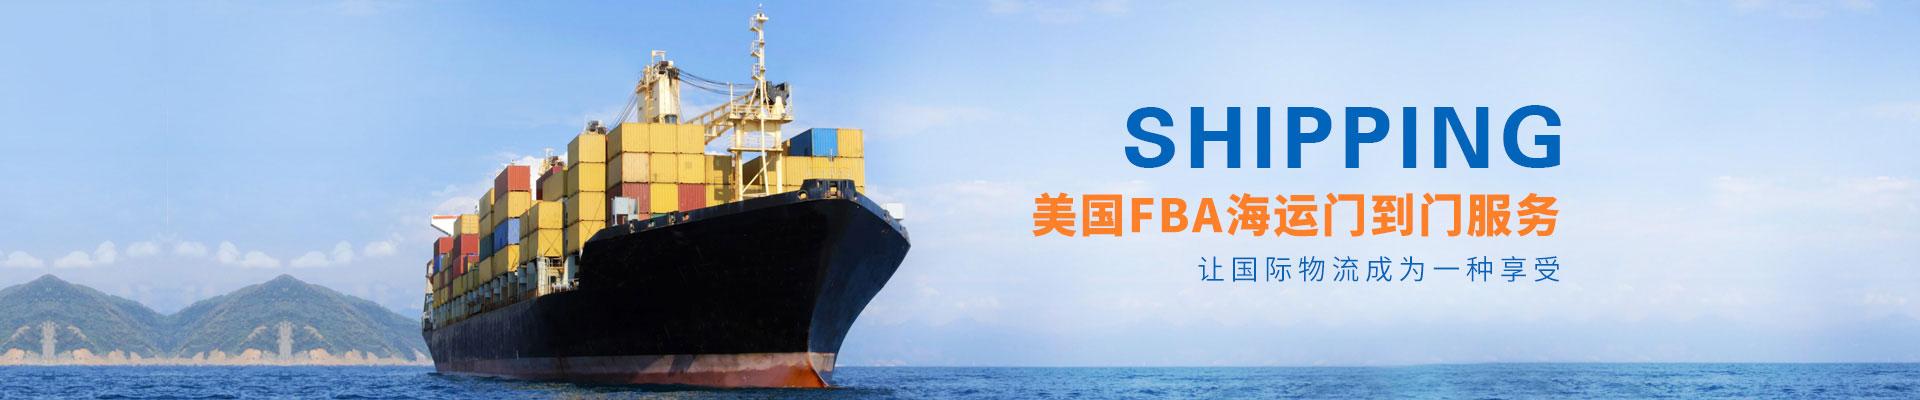 君威-美国海运专线门到门服务,让国际物流成为一种享受